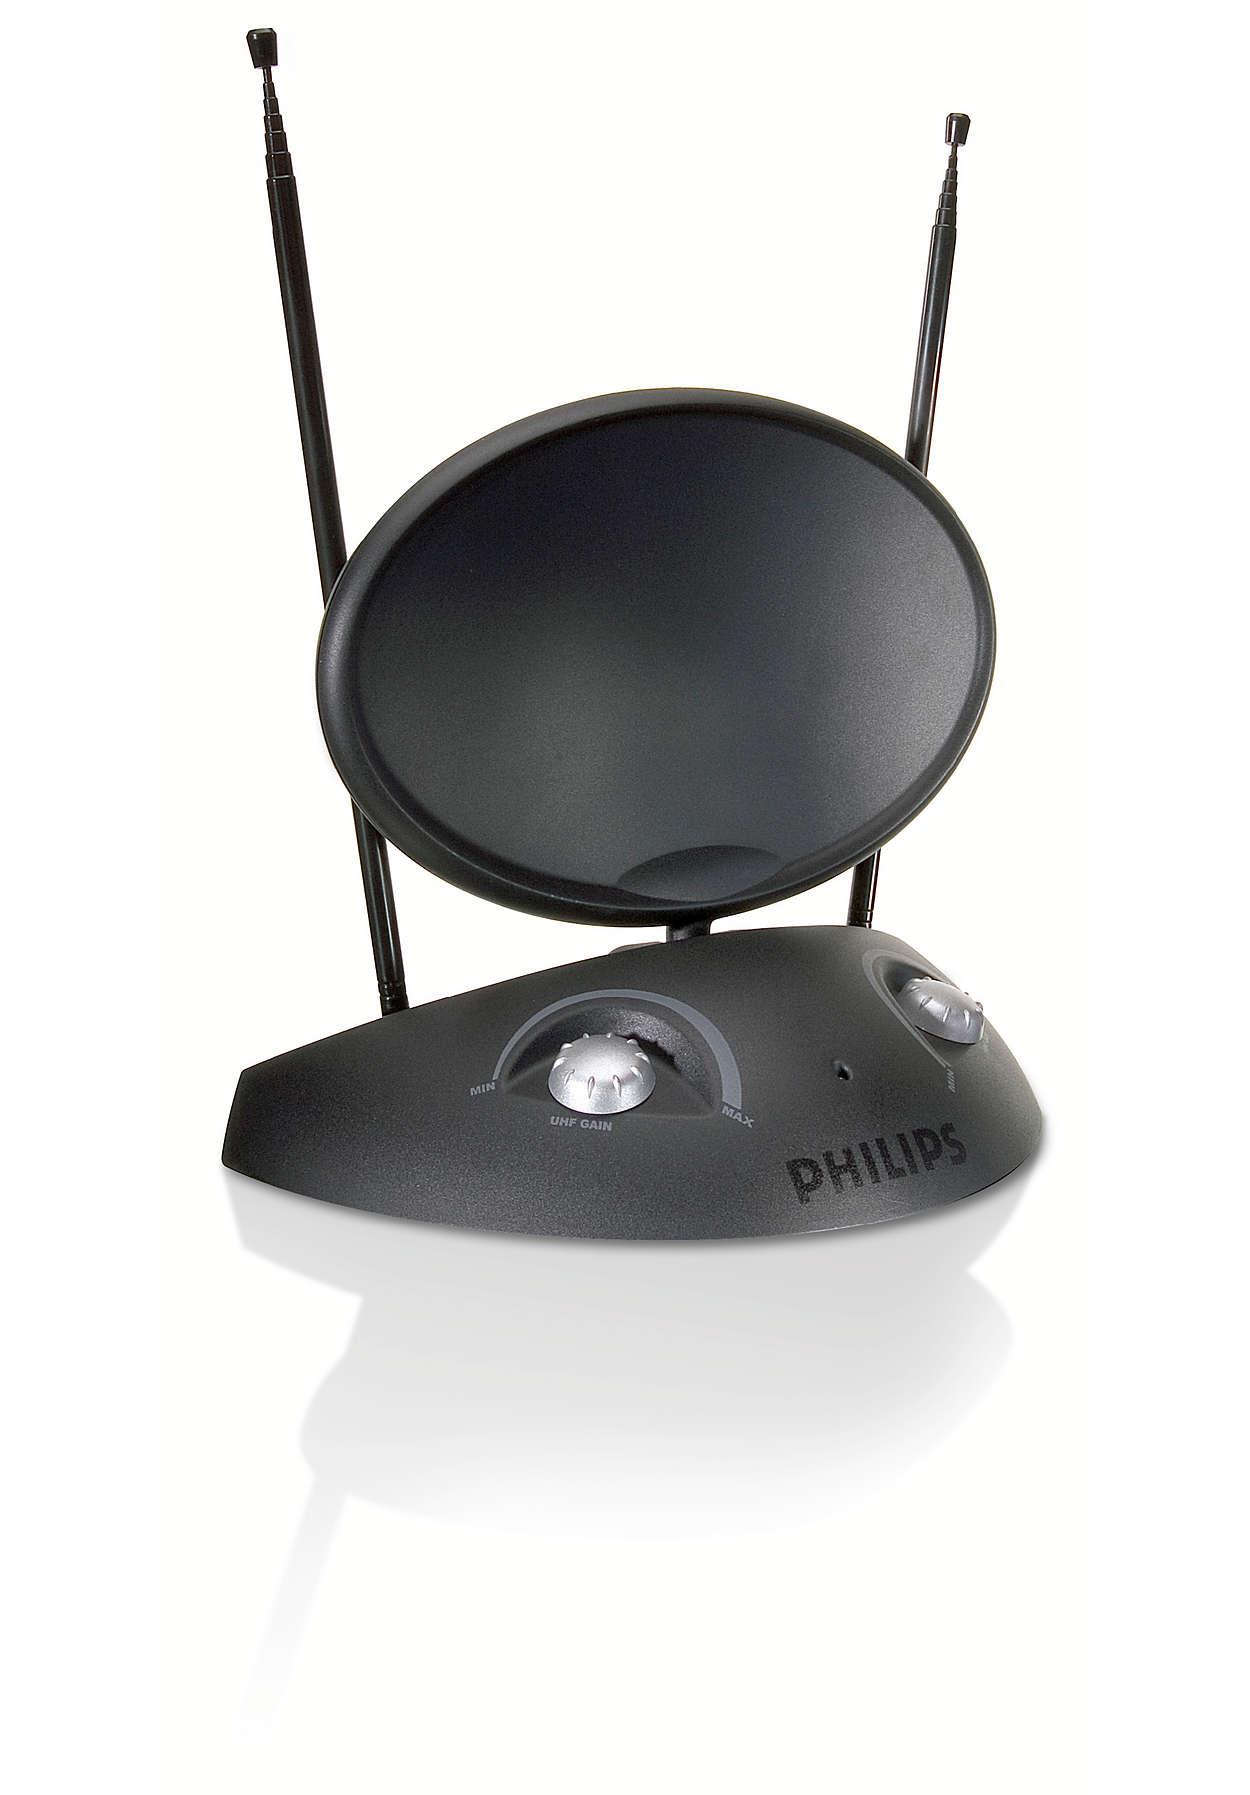 Receive digital TV signals